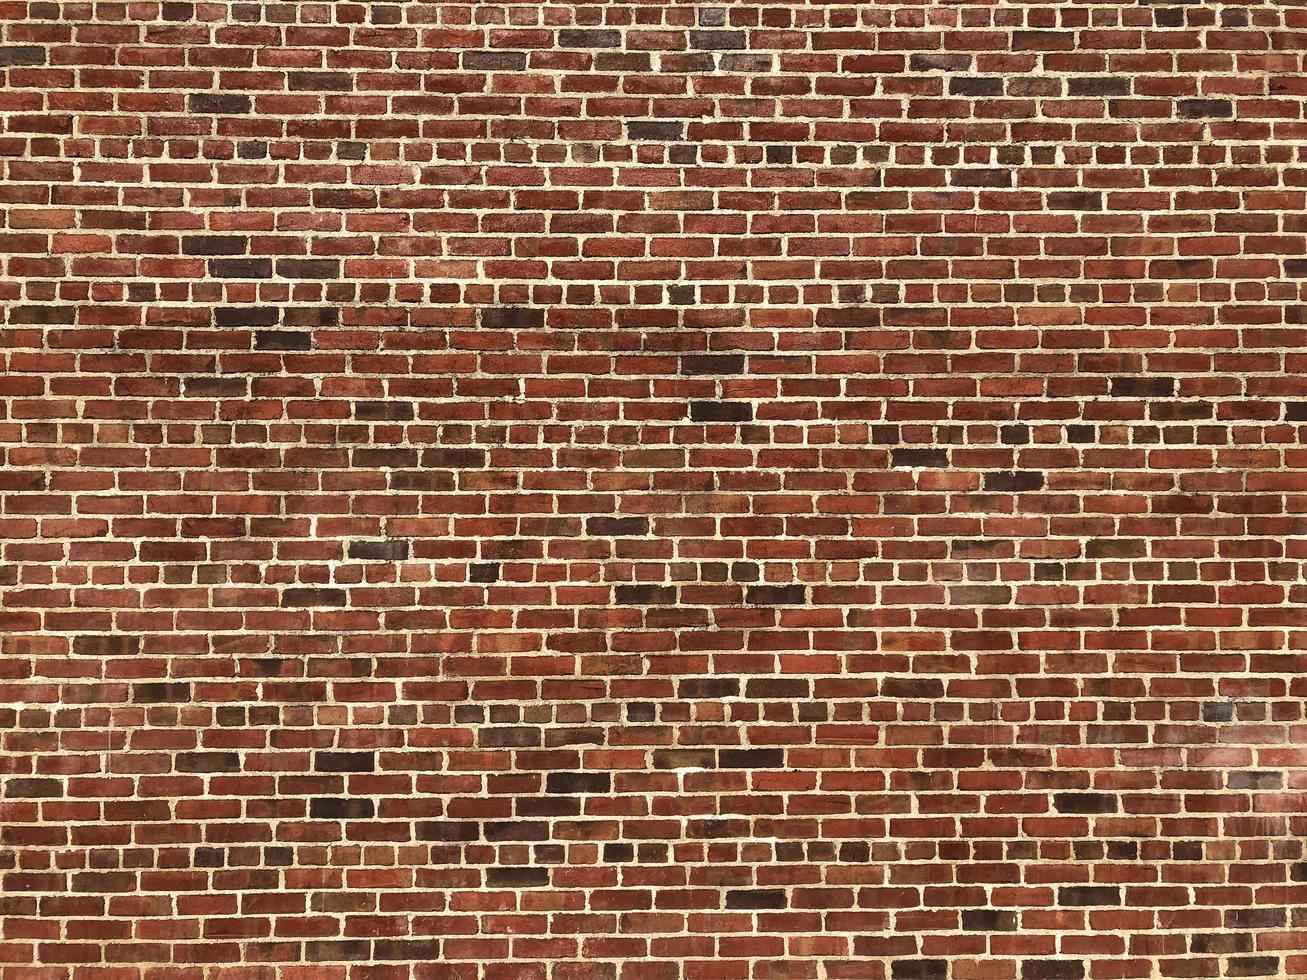 mur de briques rouges photo